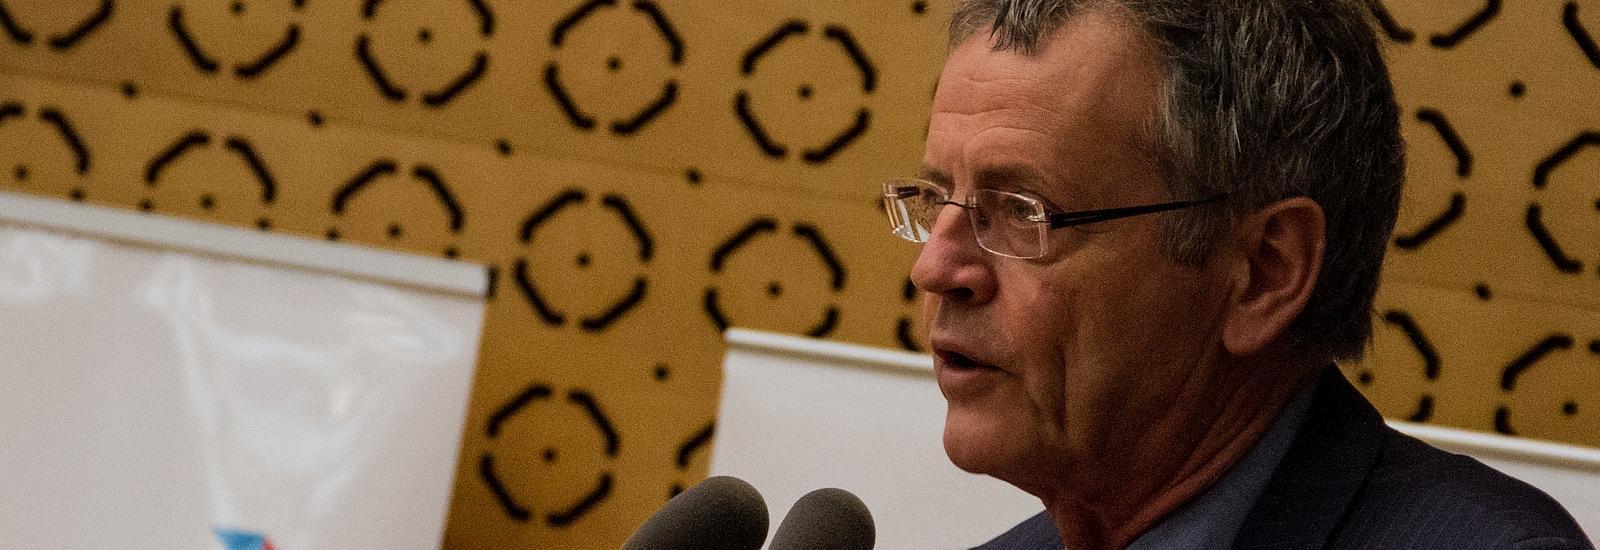 Pascal Boniface, directeur de l'IRIS (Institut de relations internationales et stratégiques)